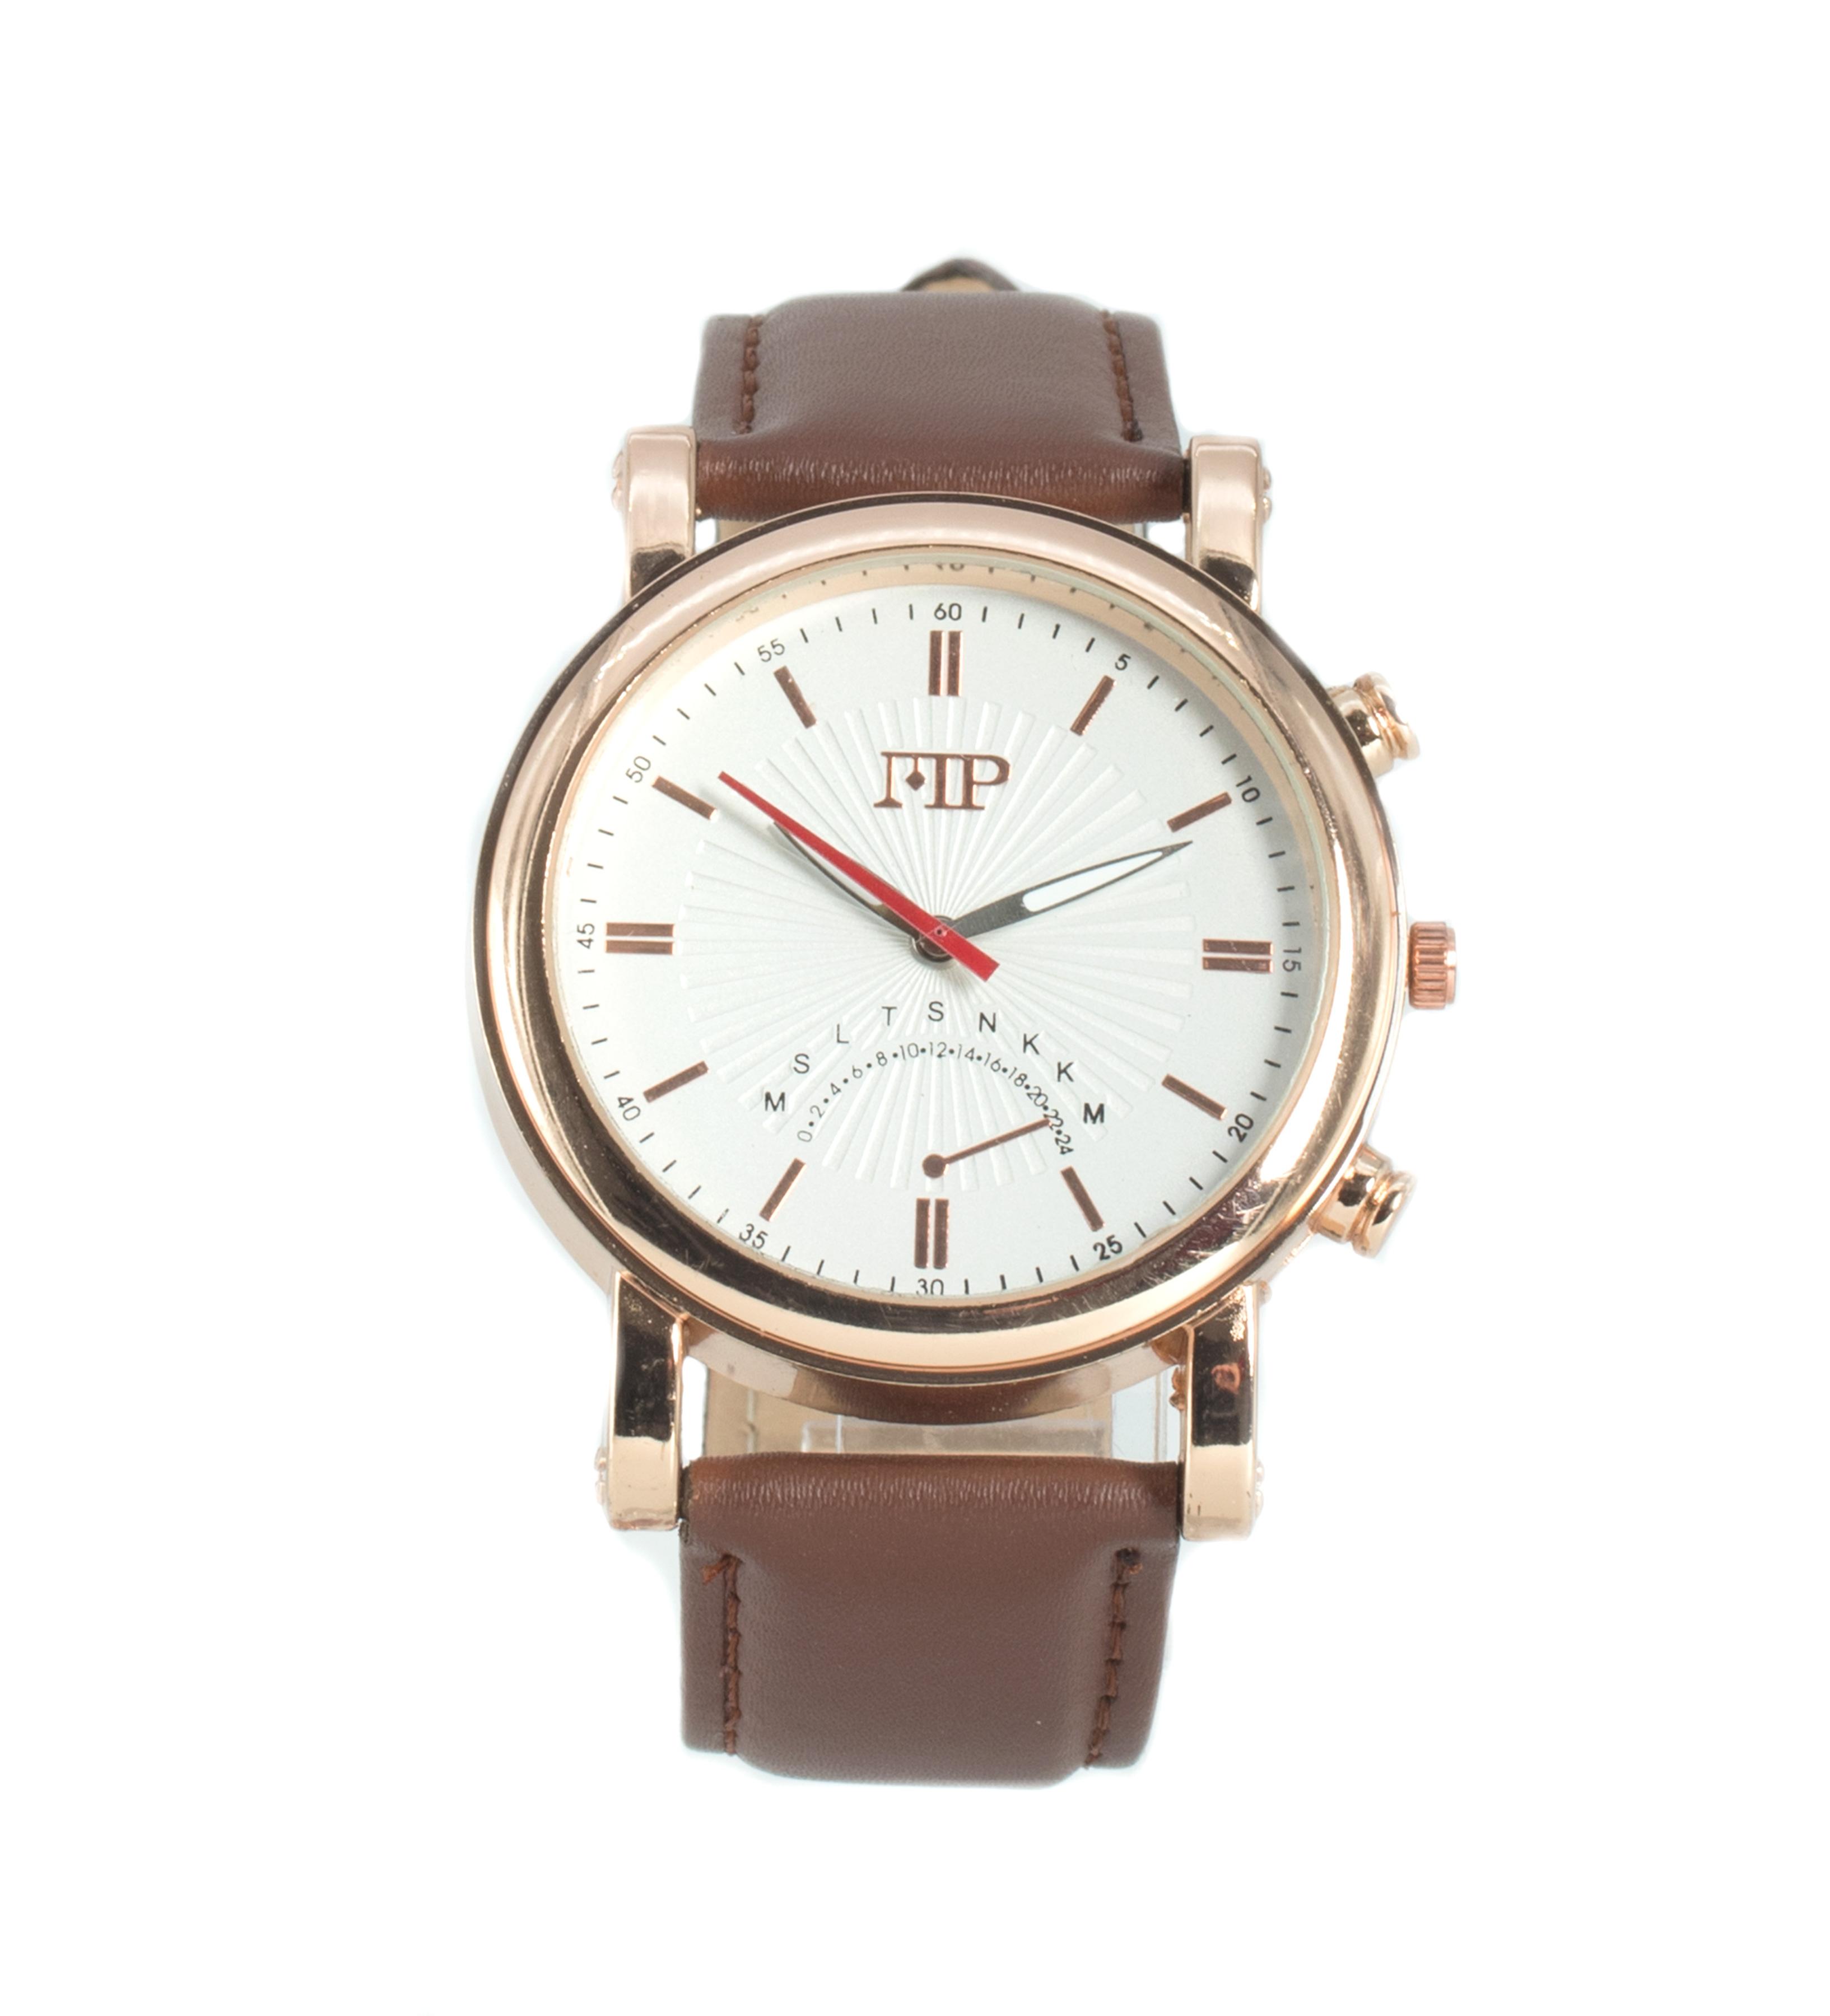 Comprar Marsan Piel Horloge analogique Flitwick, marron, blanc